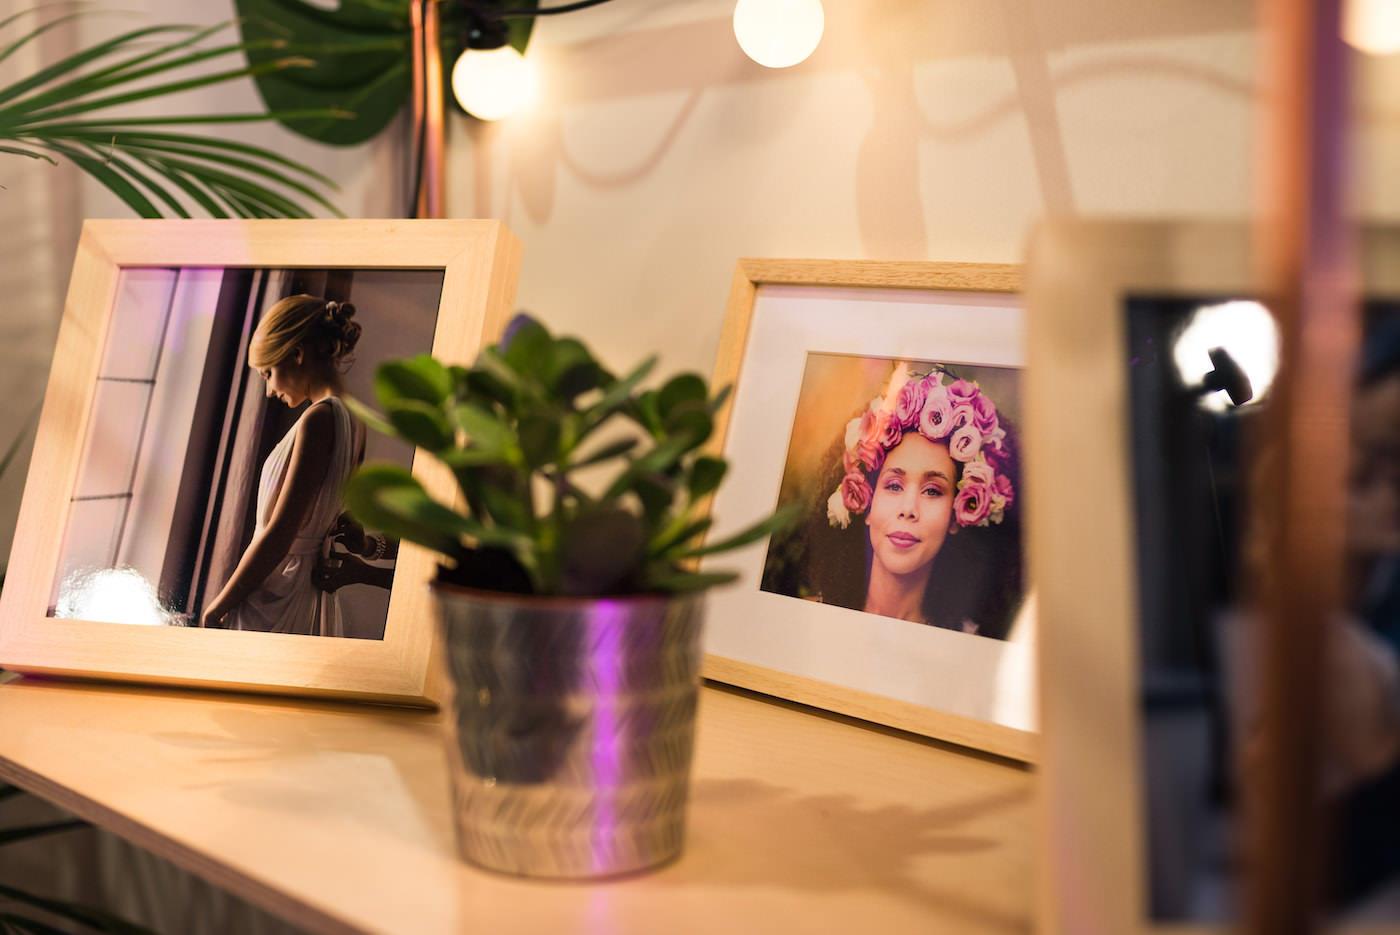 ramki ze zdjęciami na półce